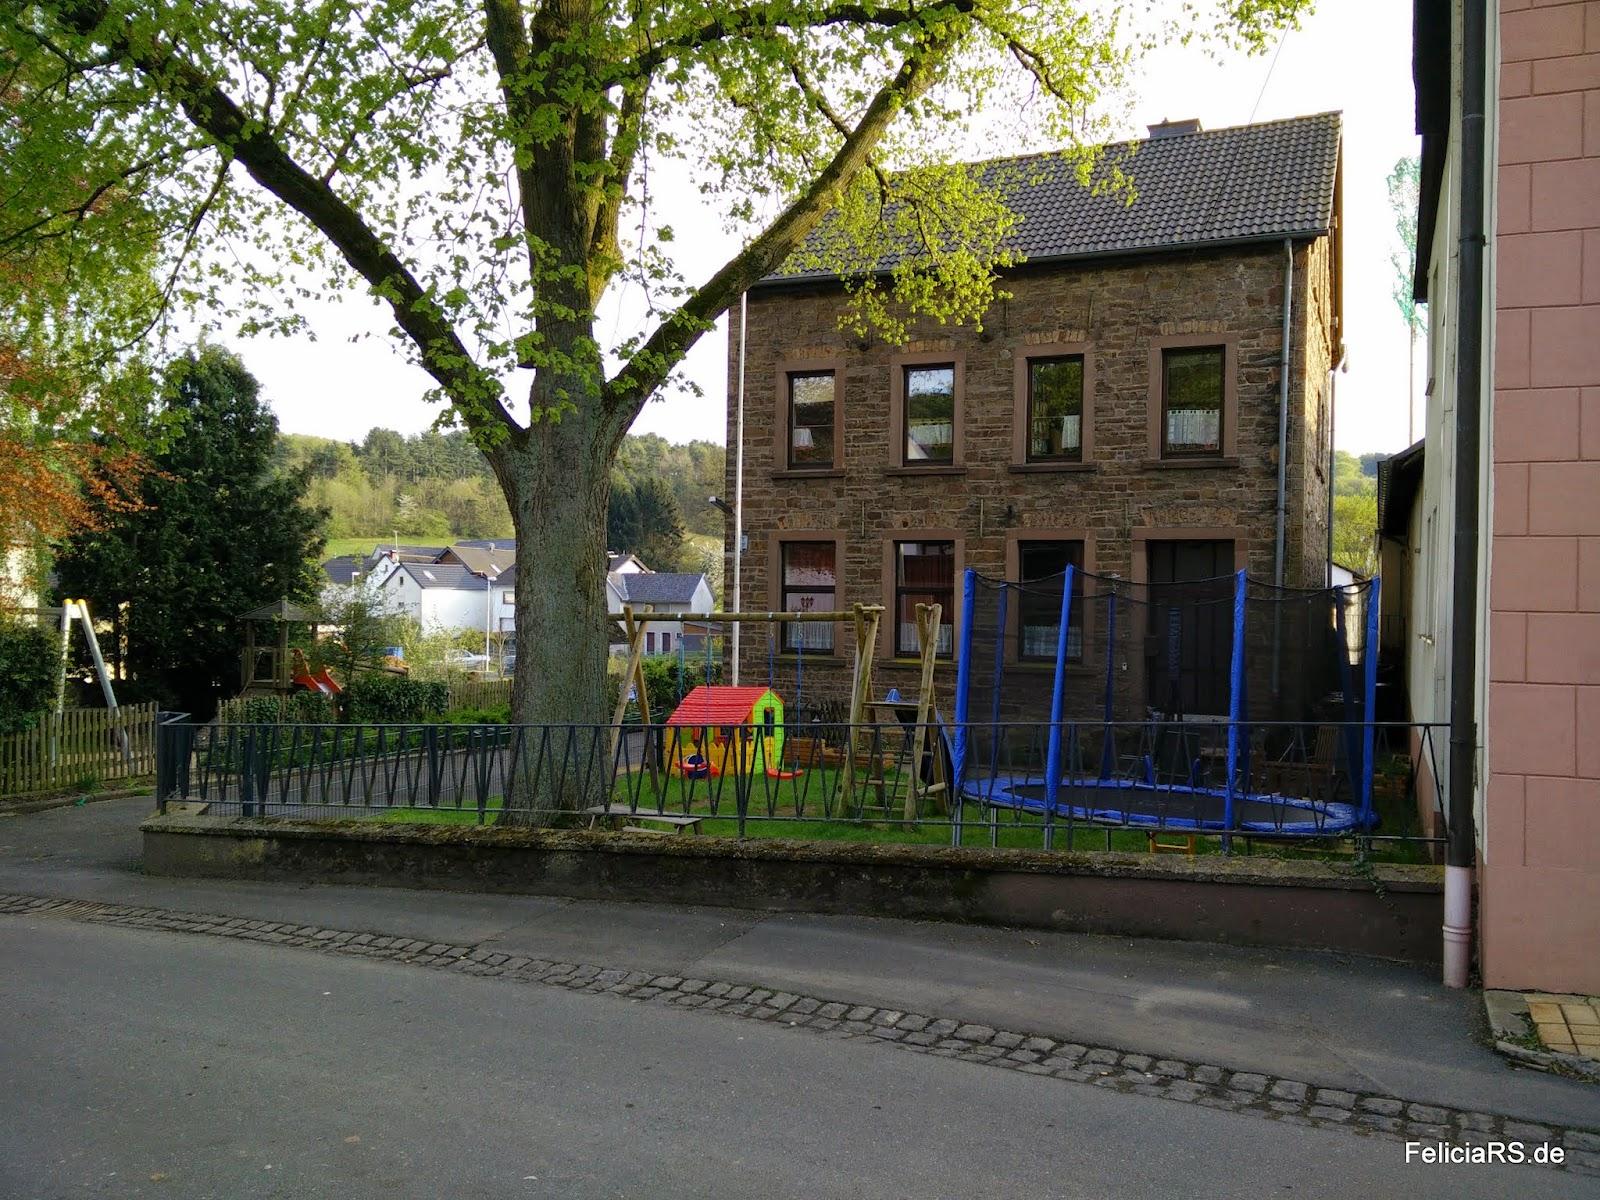 Polizeiwache Hengasch 1 (Kallmuth)